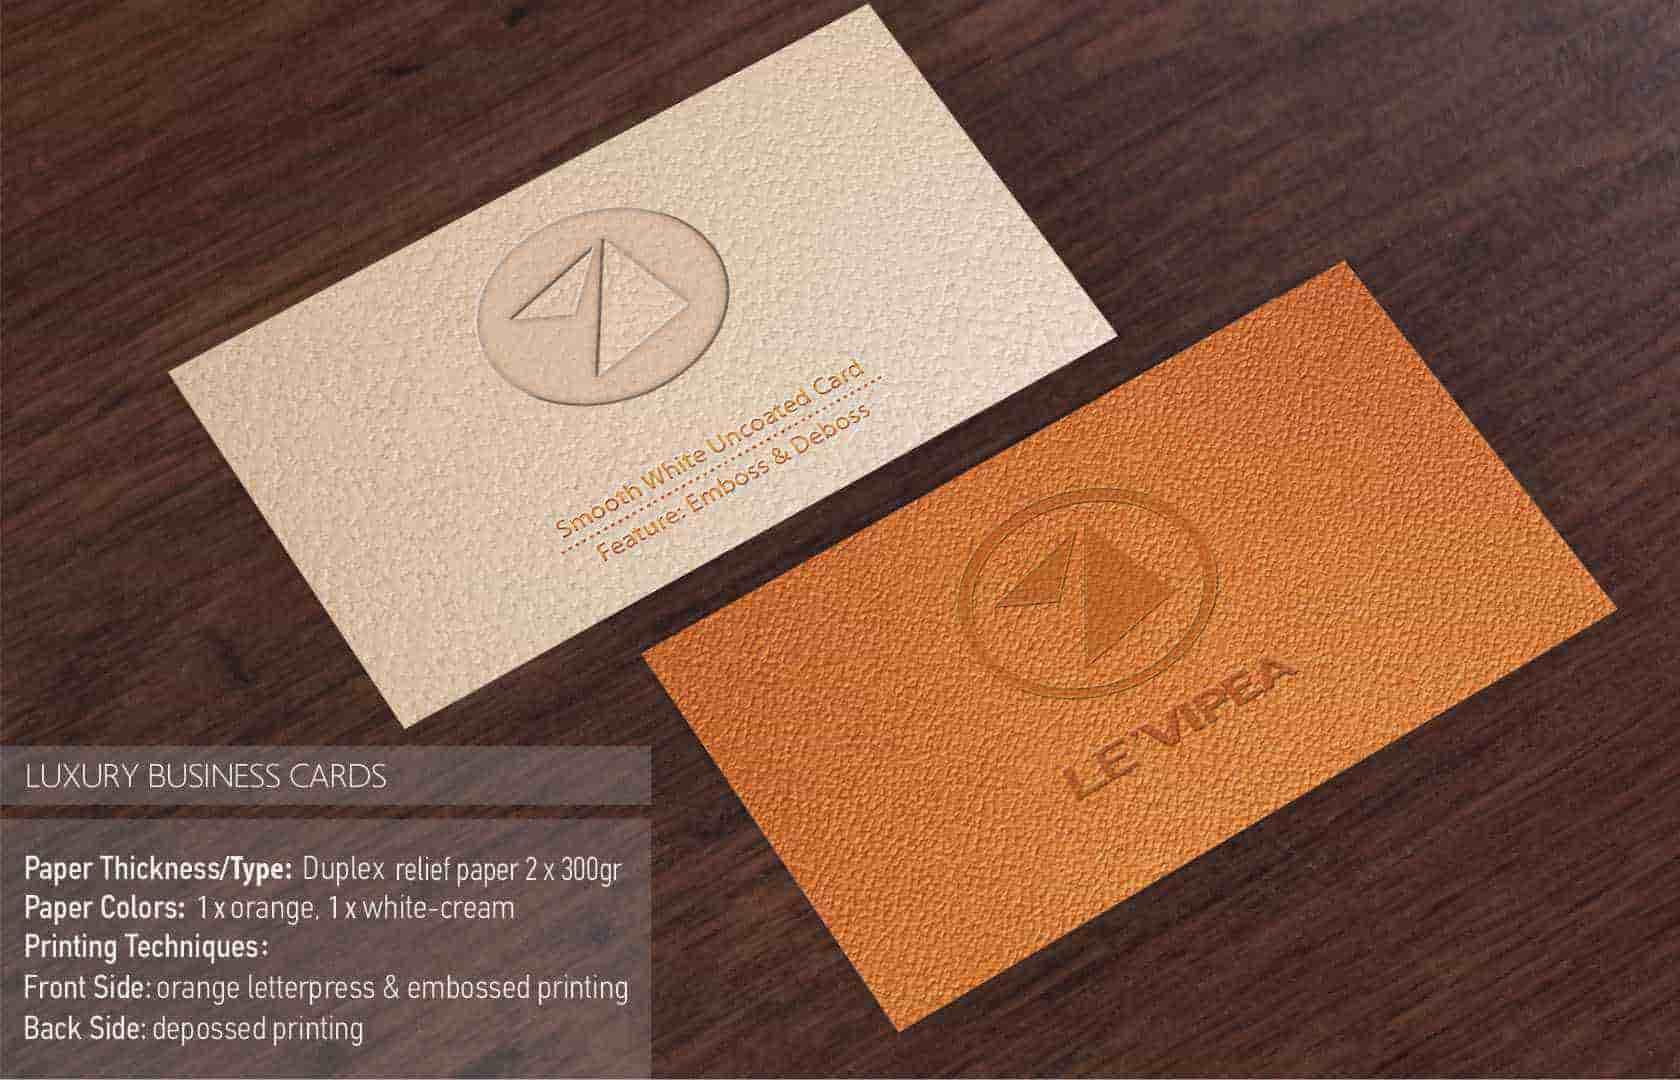 duplex matt orange paper perakis 2.21.868 300 alezan cult min